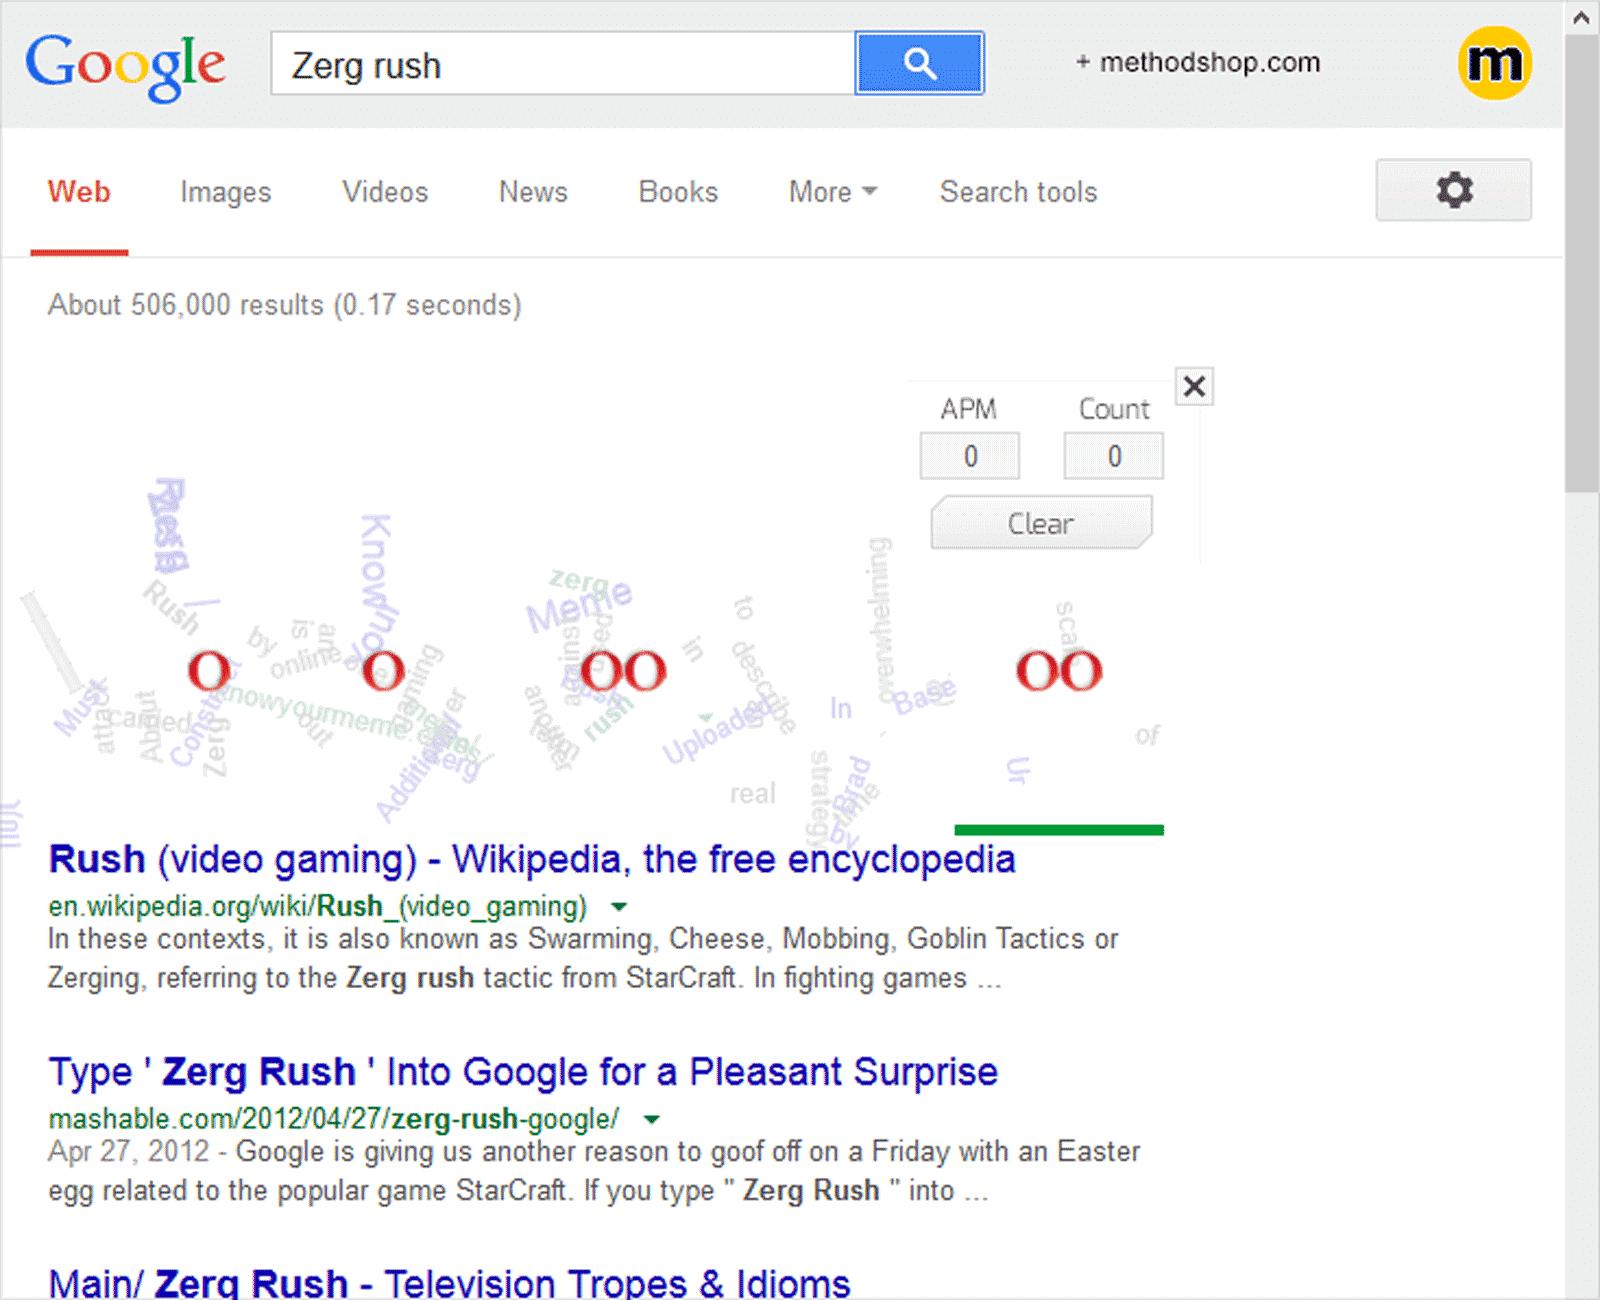 Zeg Rush - Google Easte Egg